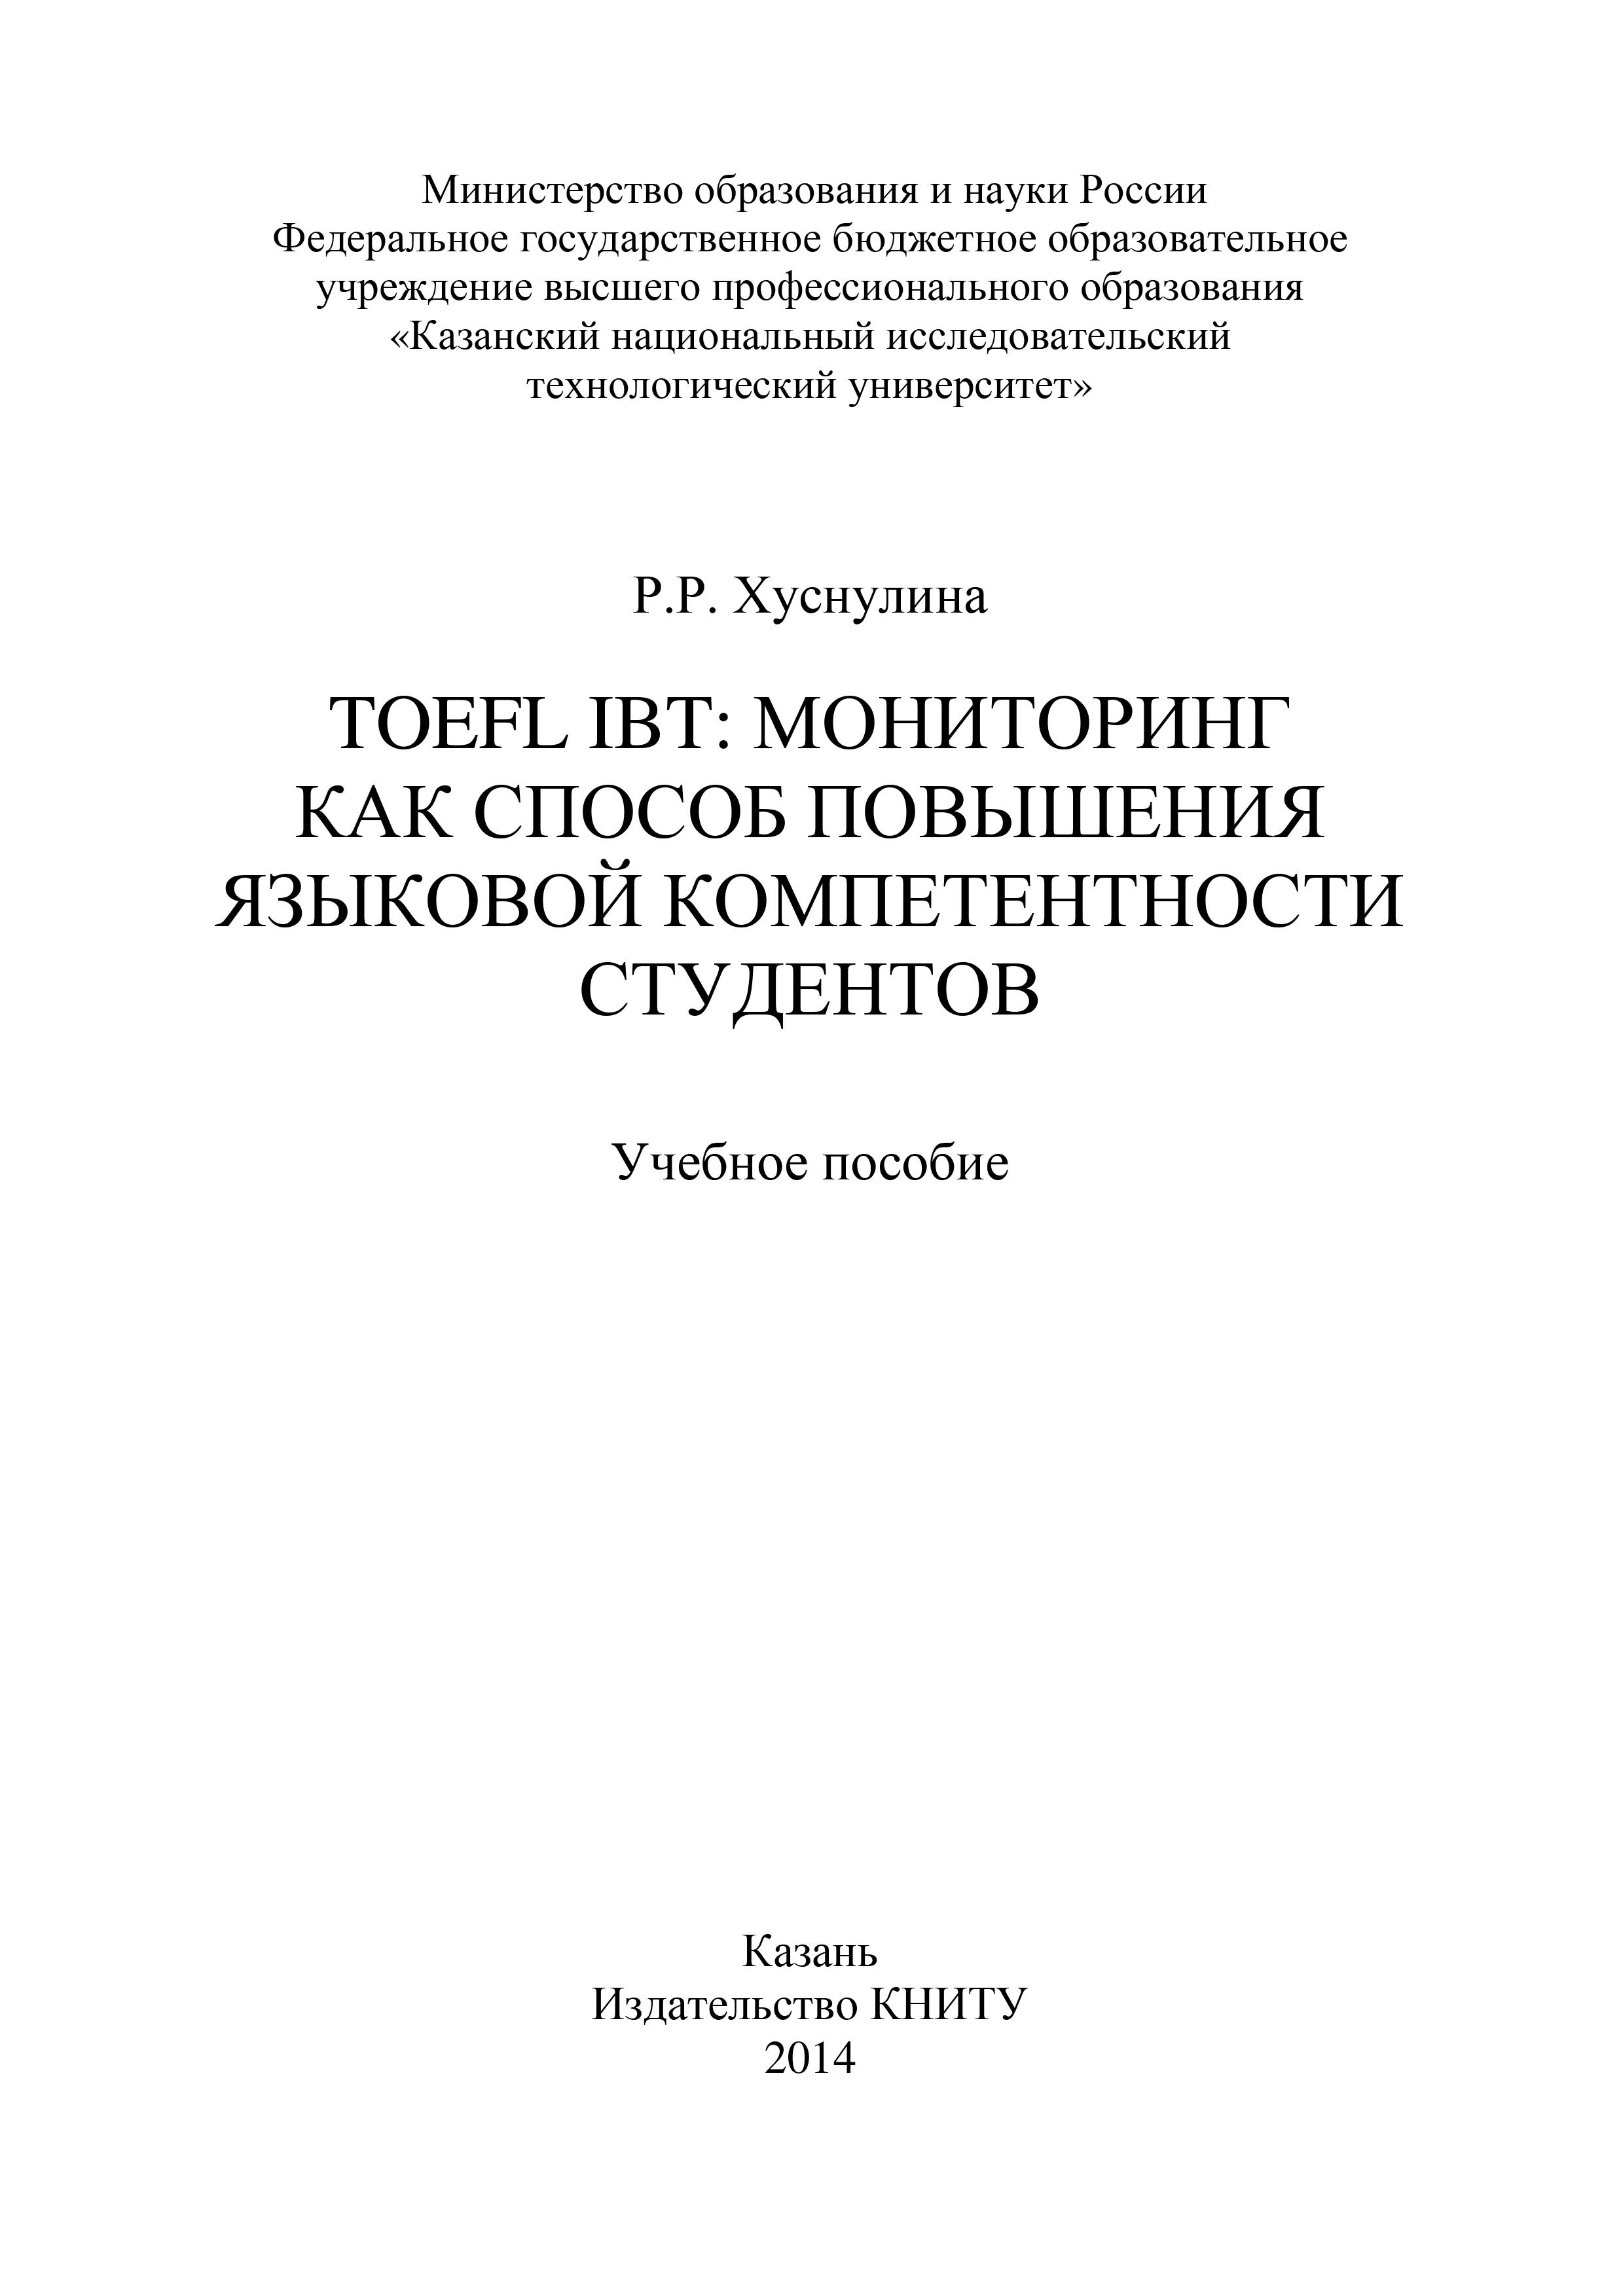 Р. Хуснулина TOEFL IBT: мониторинг как способ повышения языковой компетентности студентов